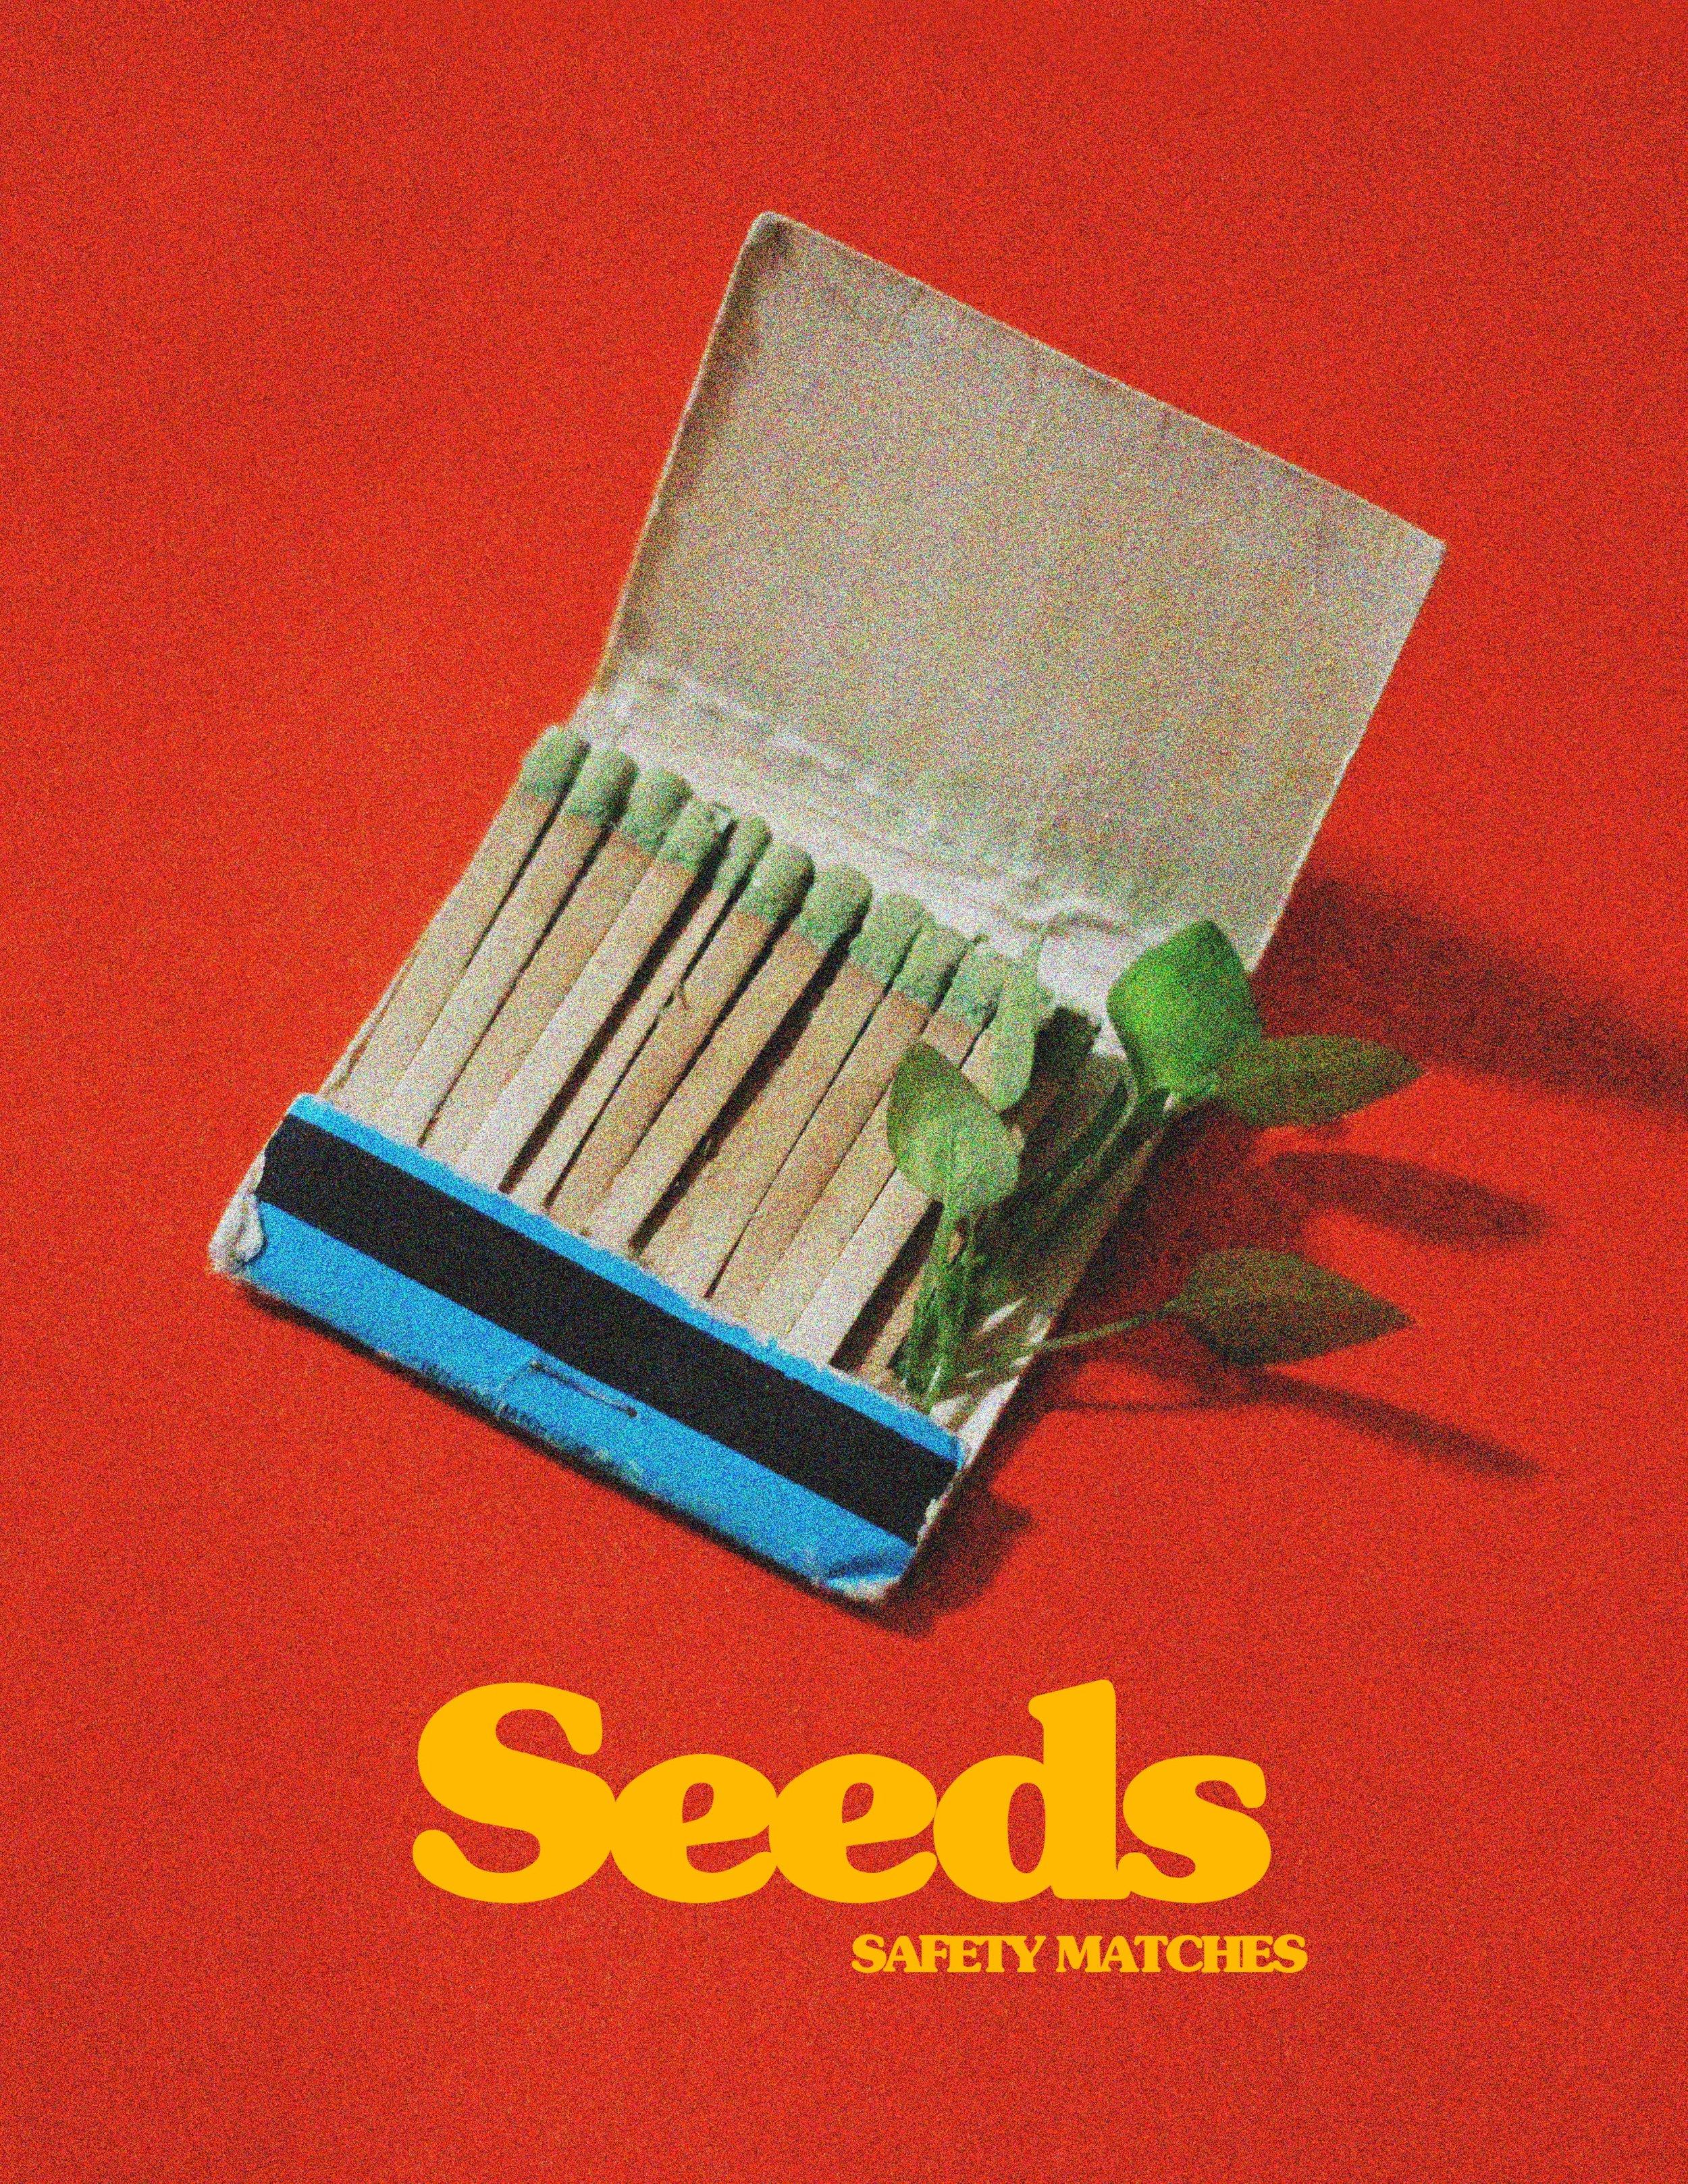 seedsadvert.jpg